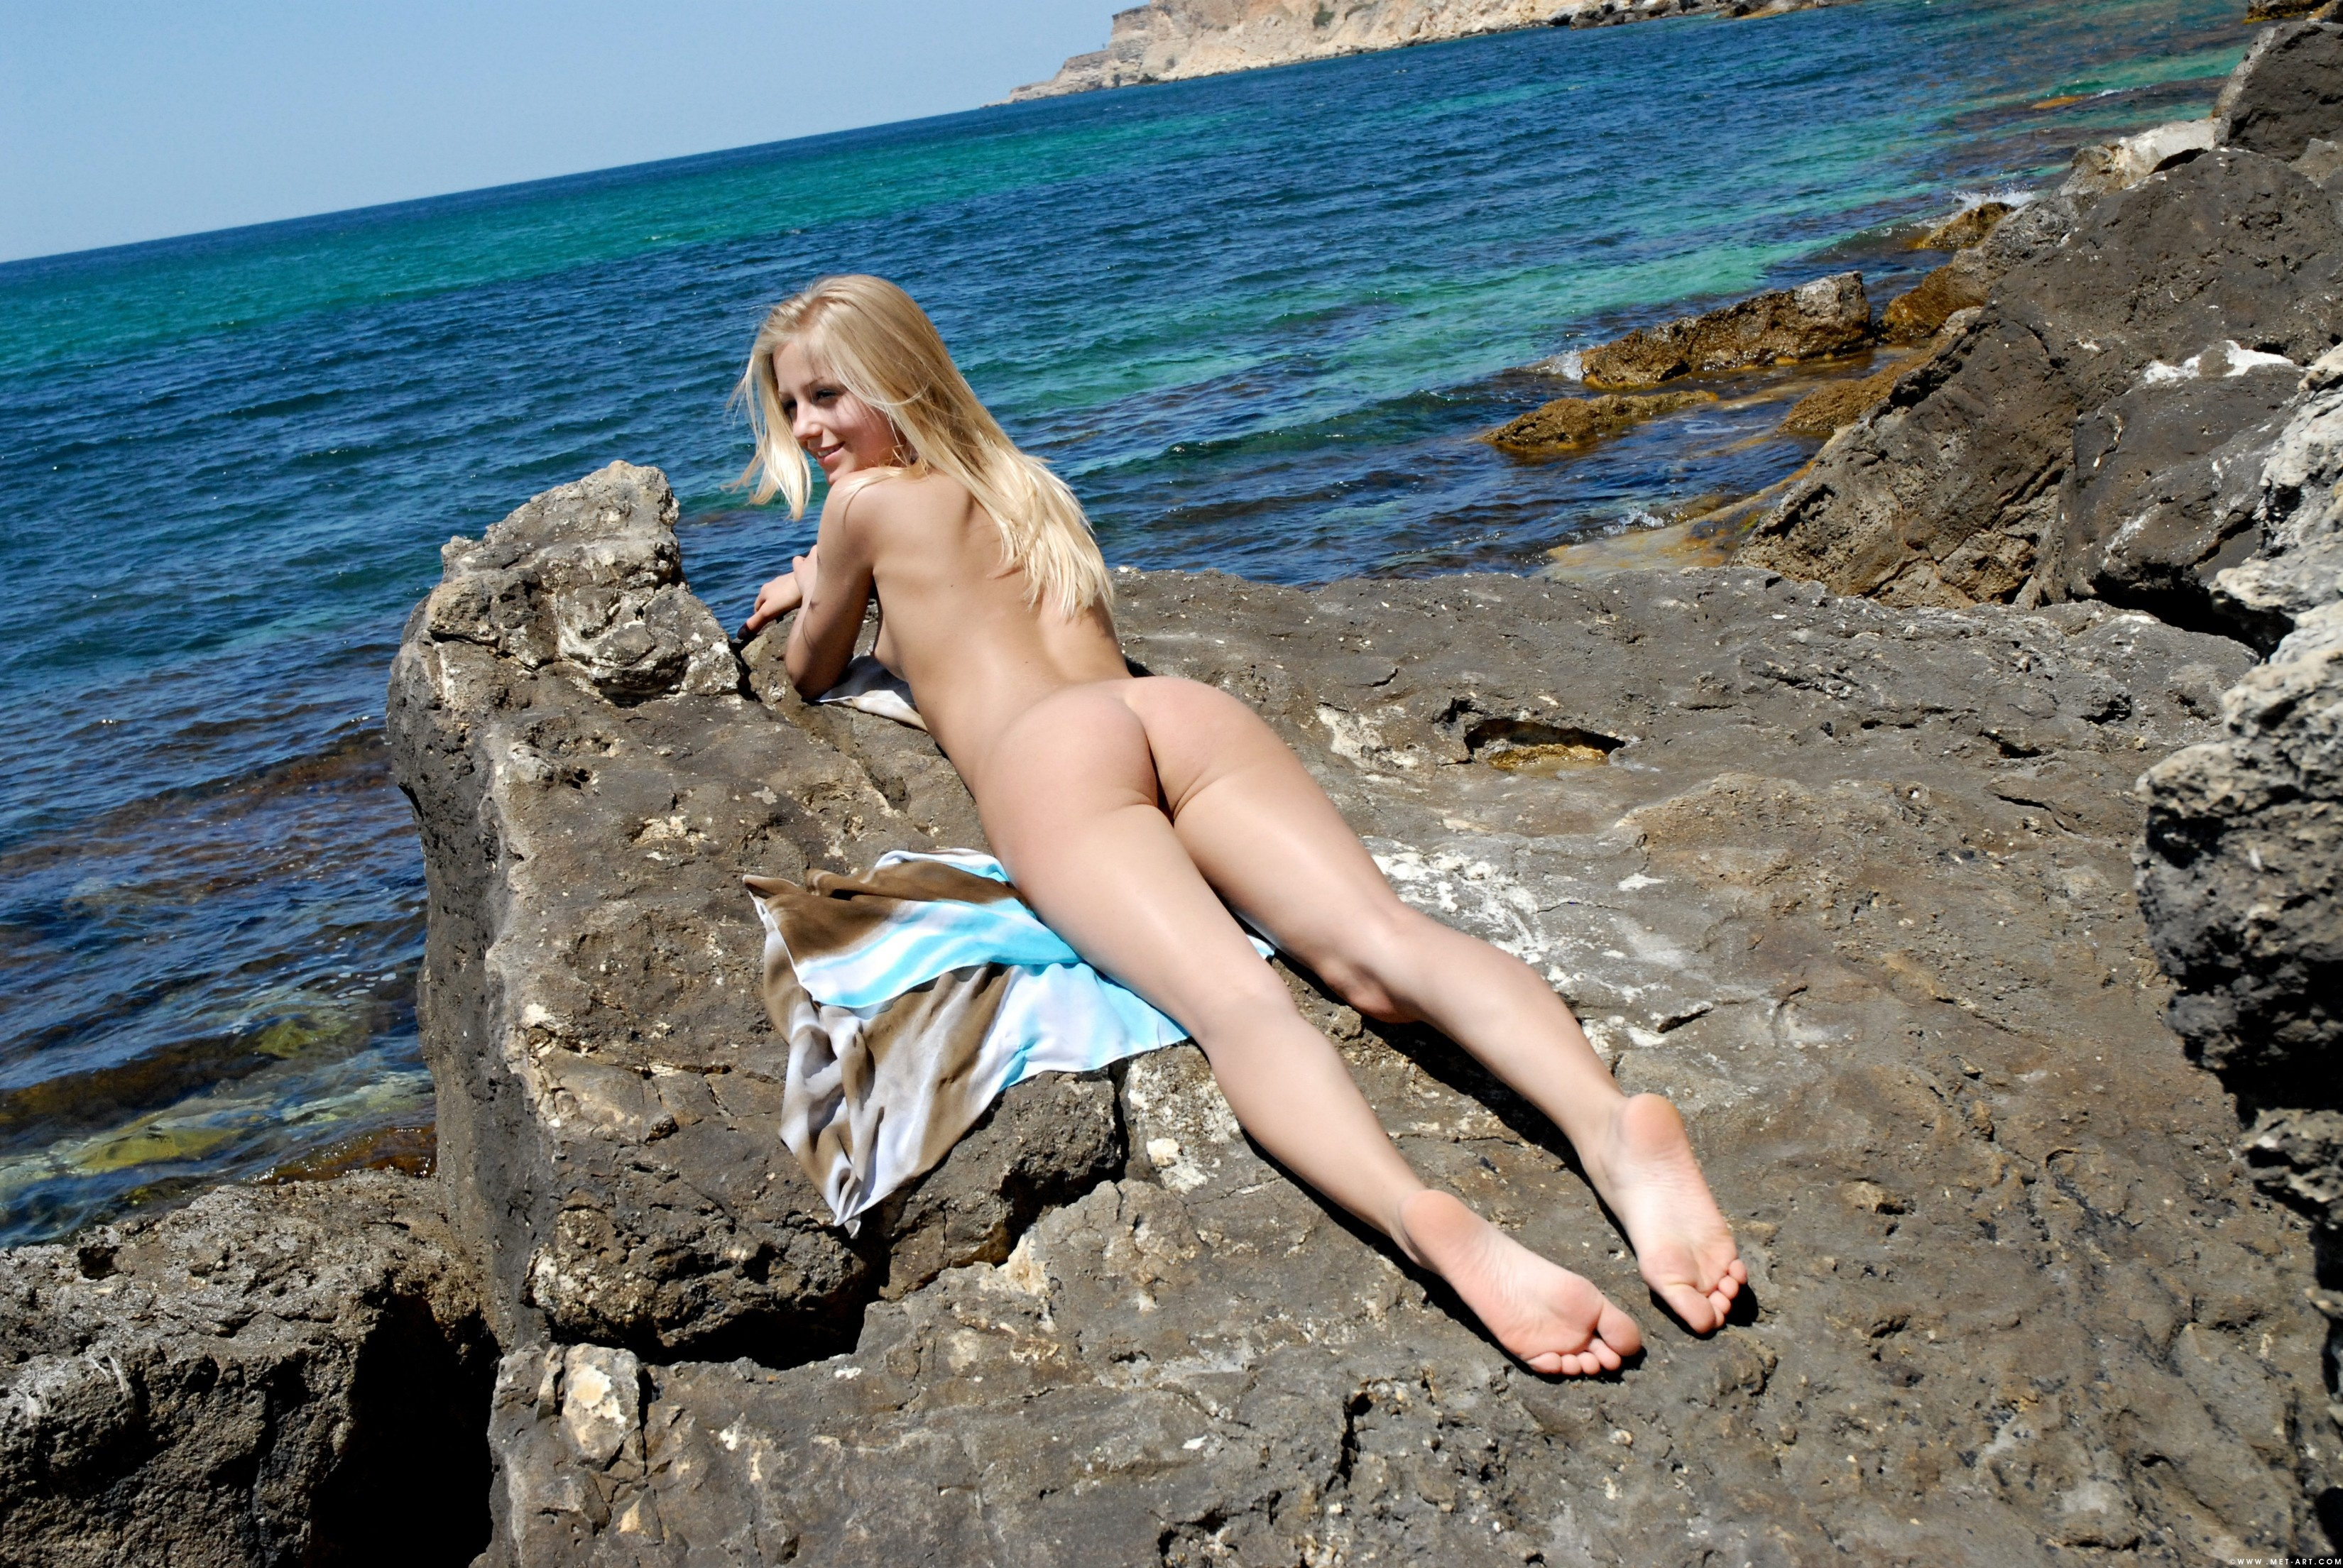 Adult nudity public